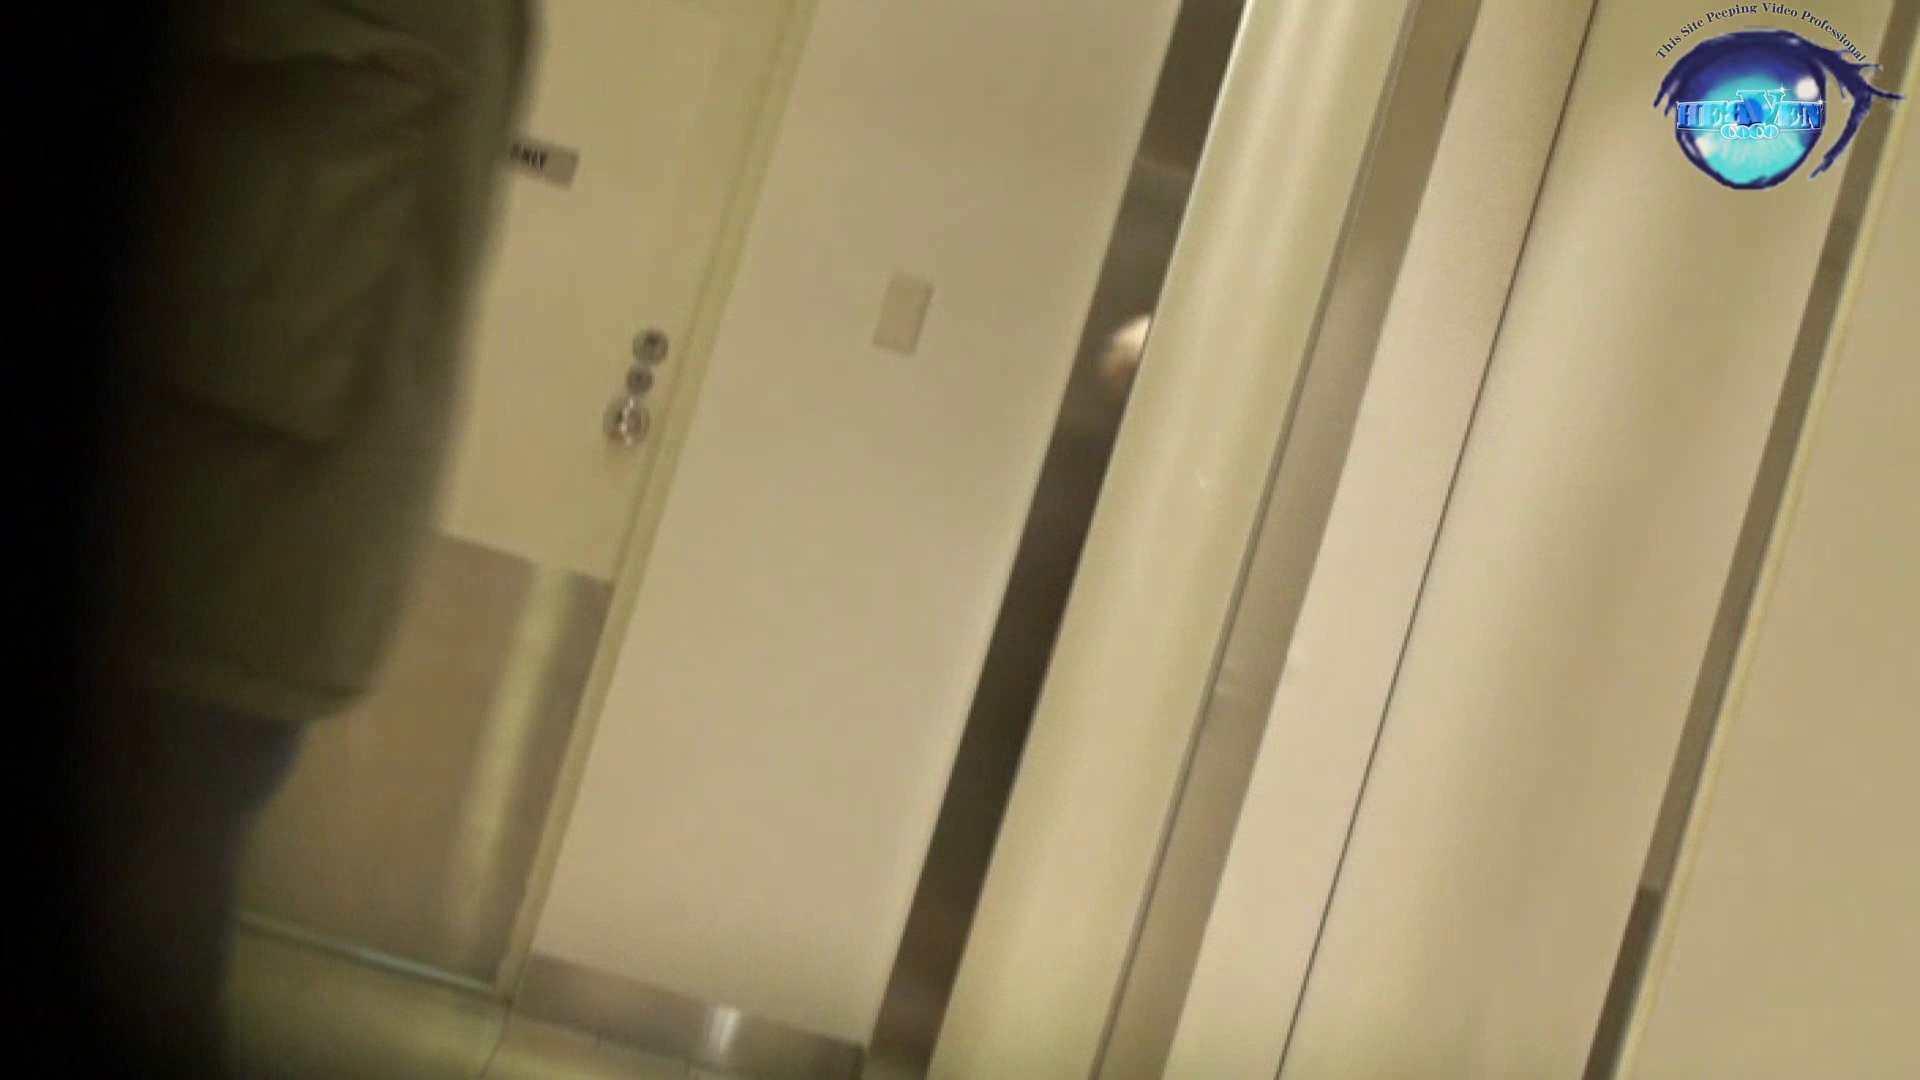 飛び出す黄金水!!!アトレ潜入 かわや盗撮 vol.08 潜入突撃 セックス画像 77pic 22